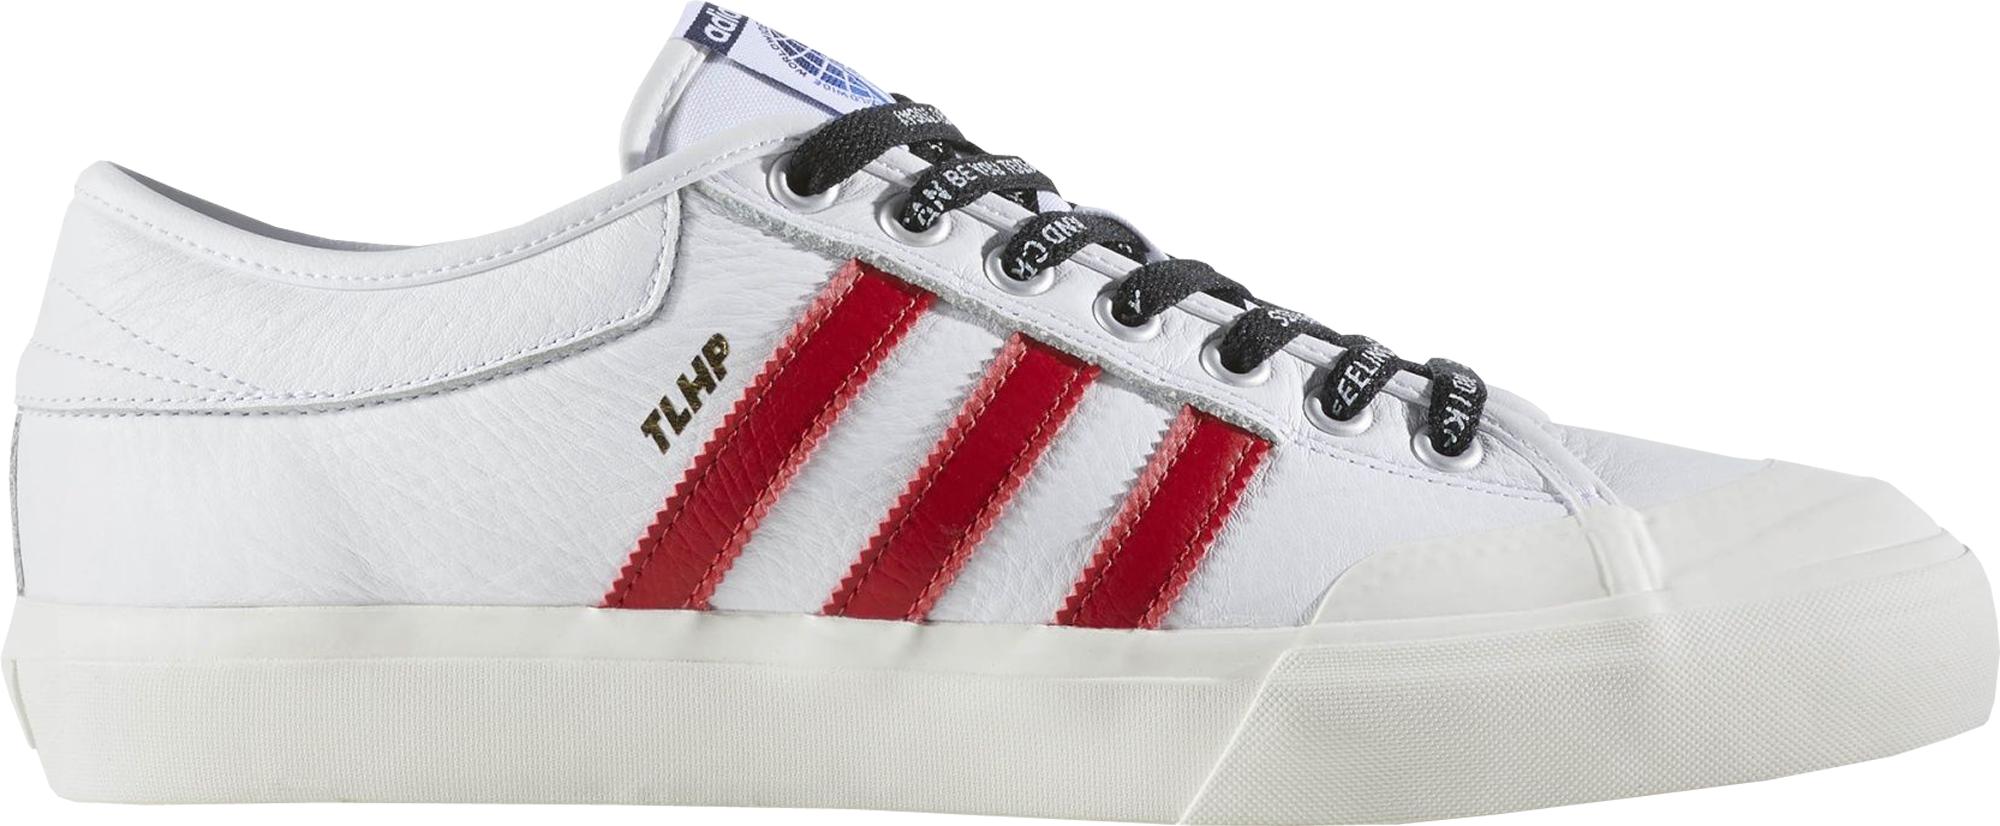 Adidas matchcourt AAP FERG trampa señor cg5615